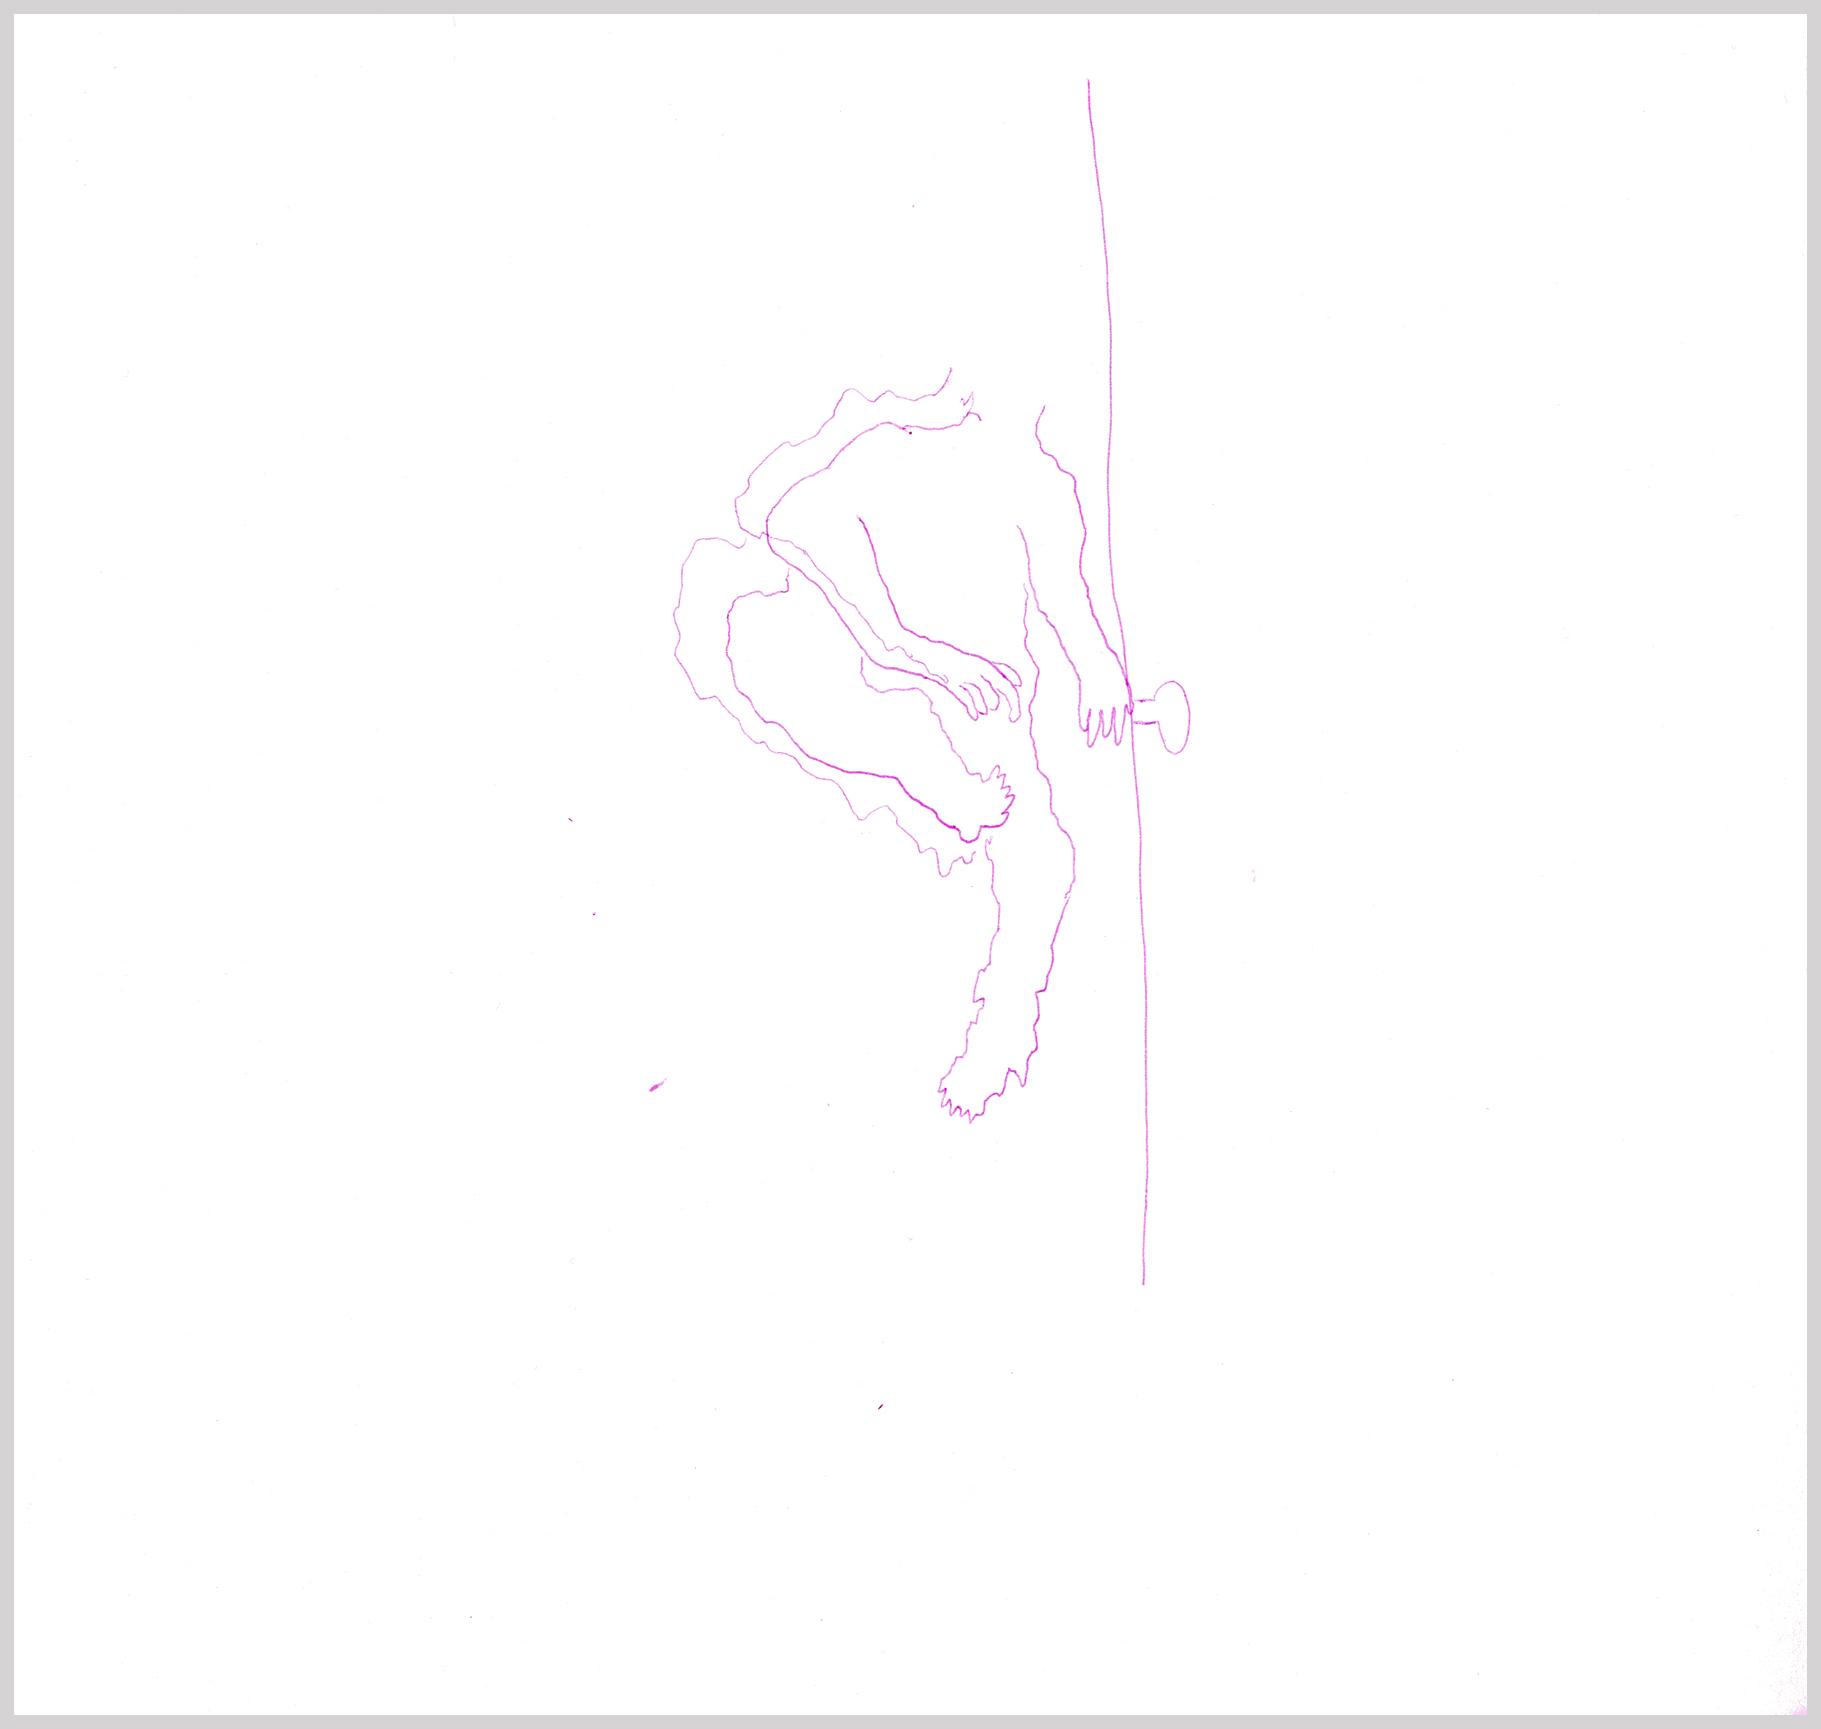 drawing B007.jpg